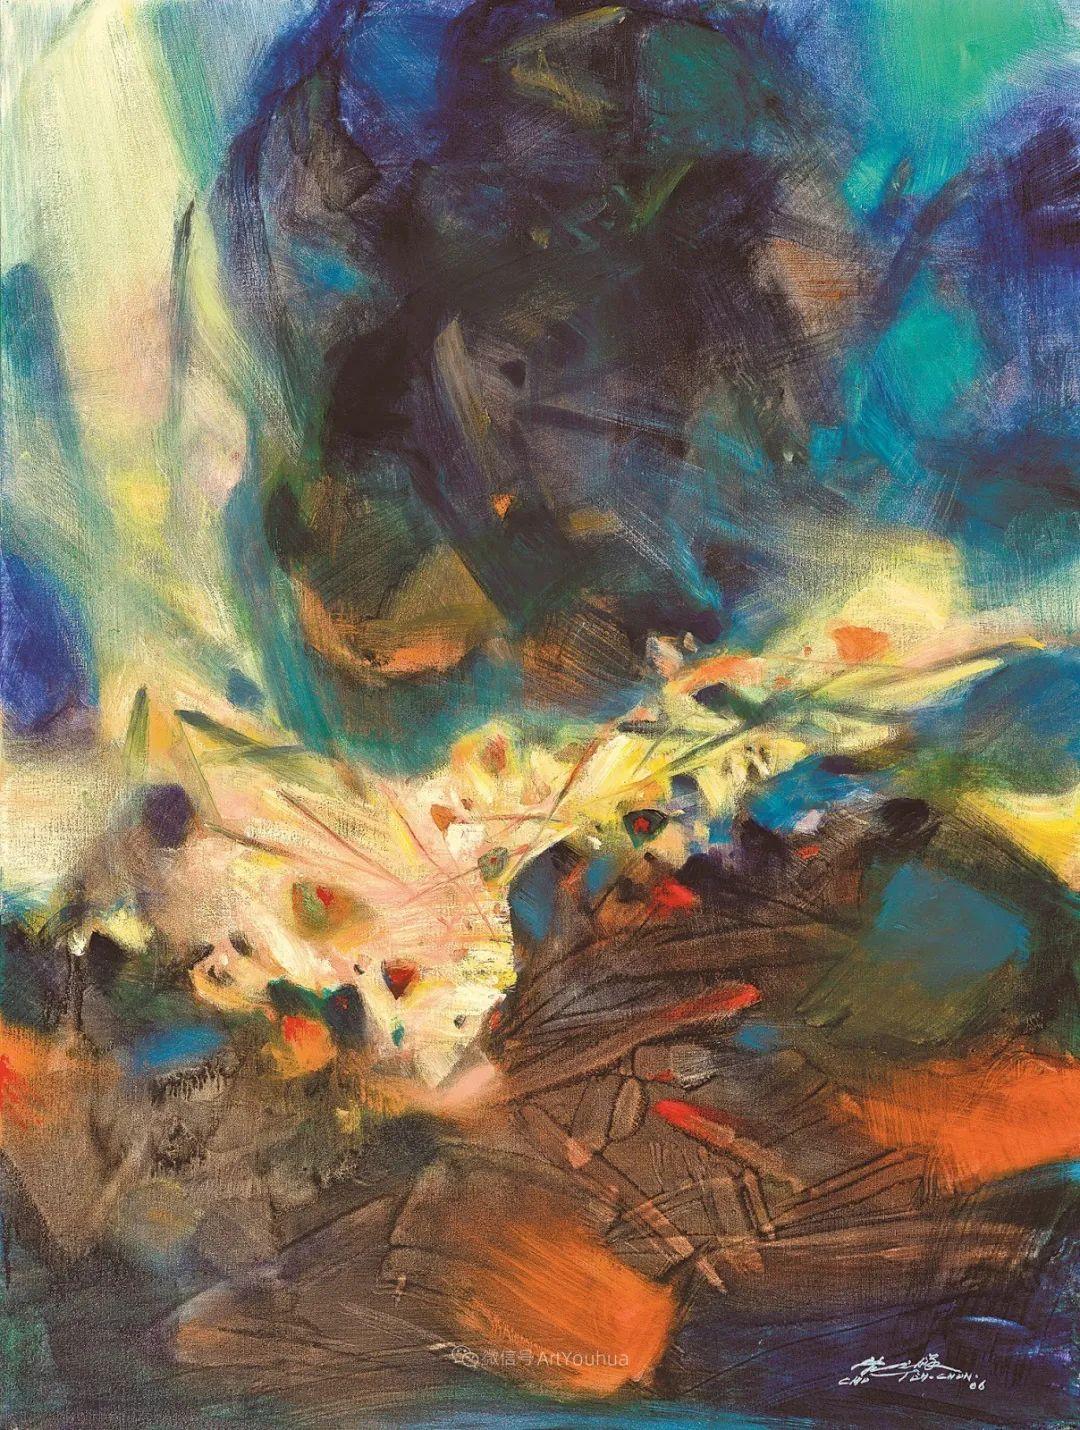 以色彩写诗,具象转抽象,朱德群作品欣赏 (高清)插图19